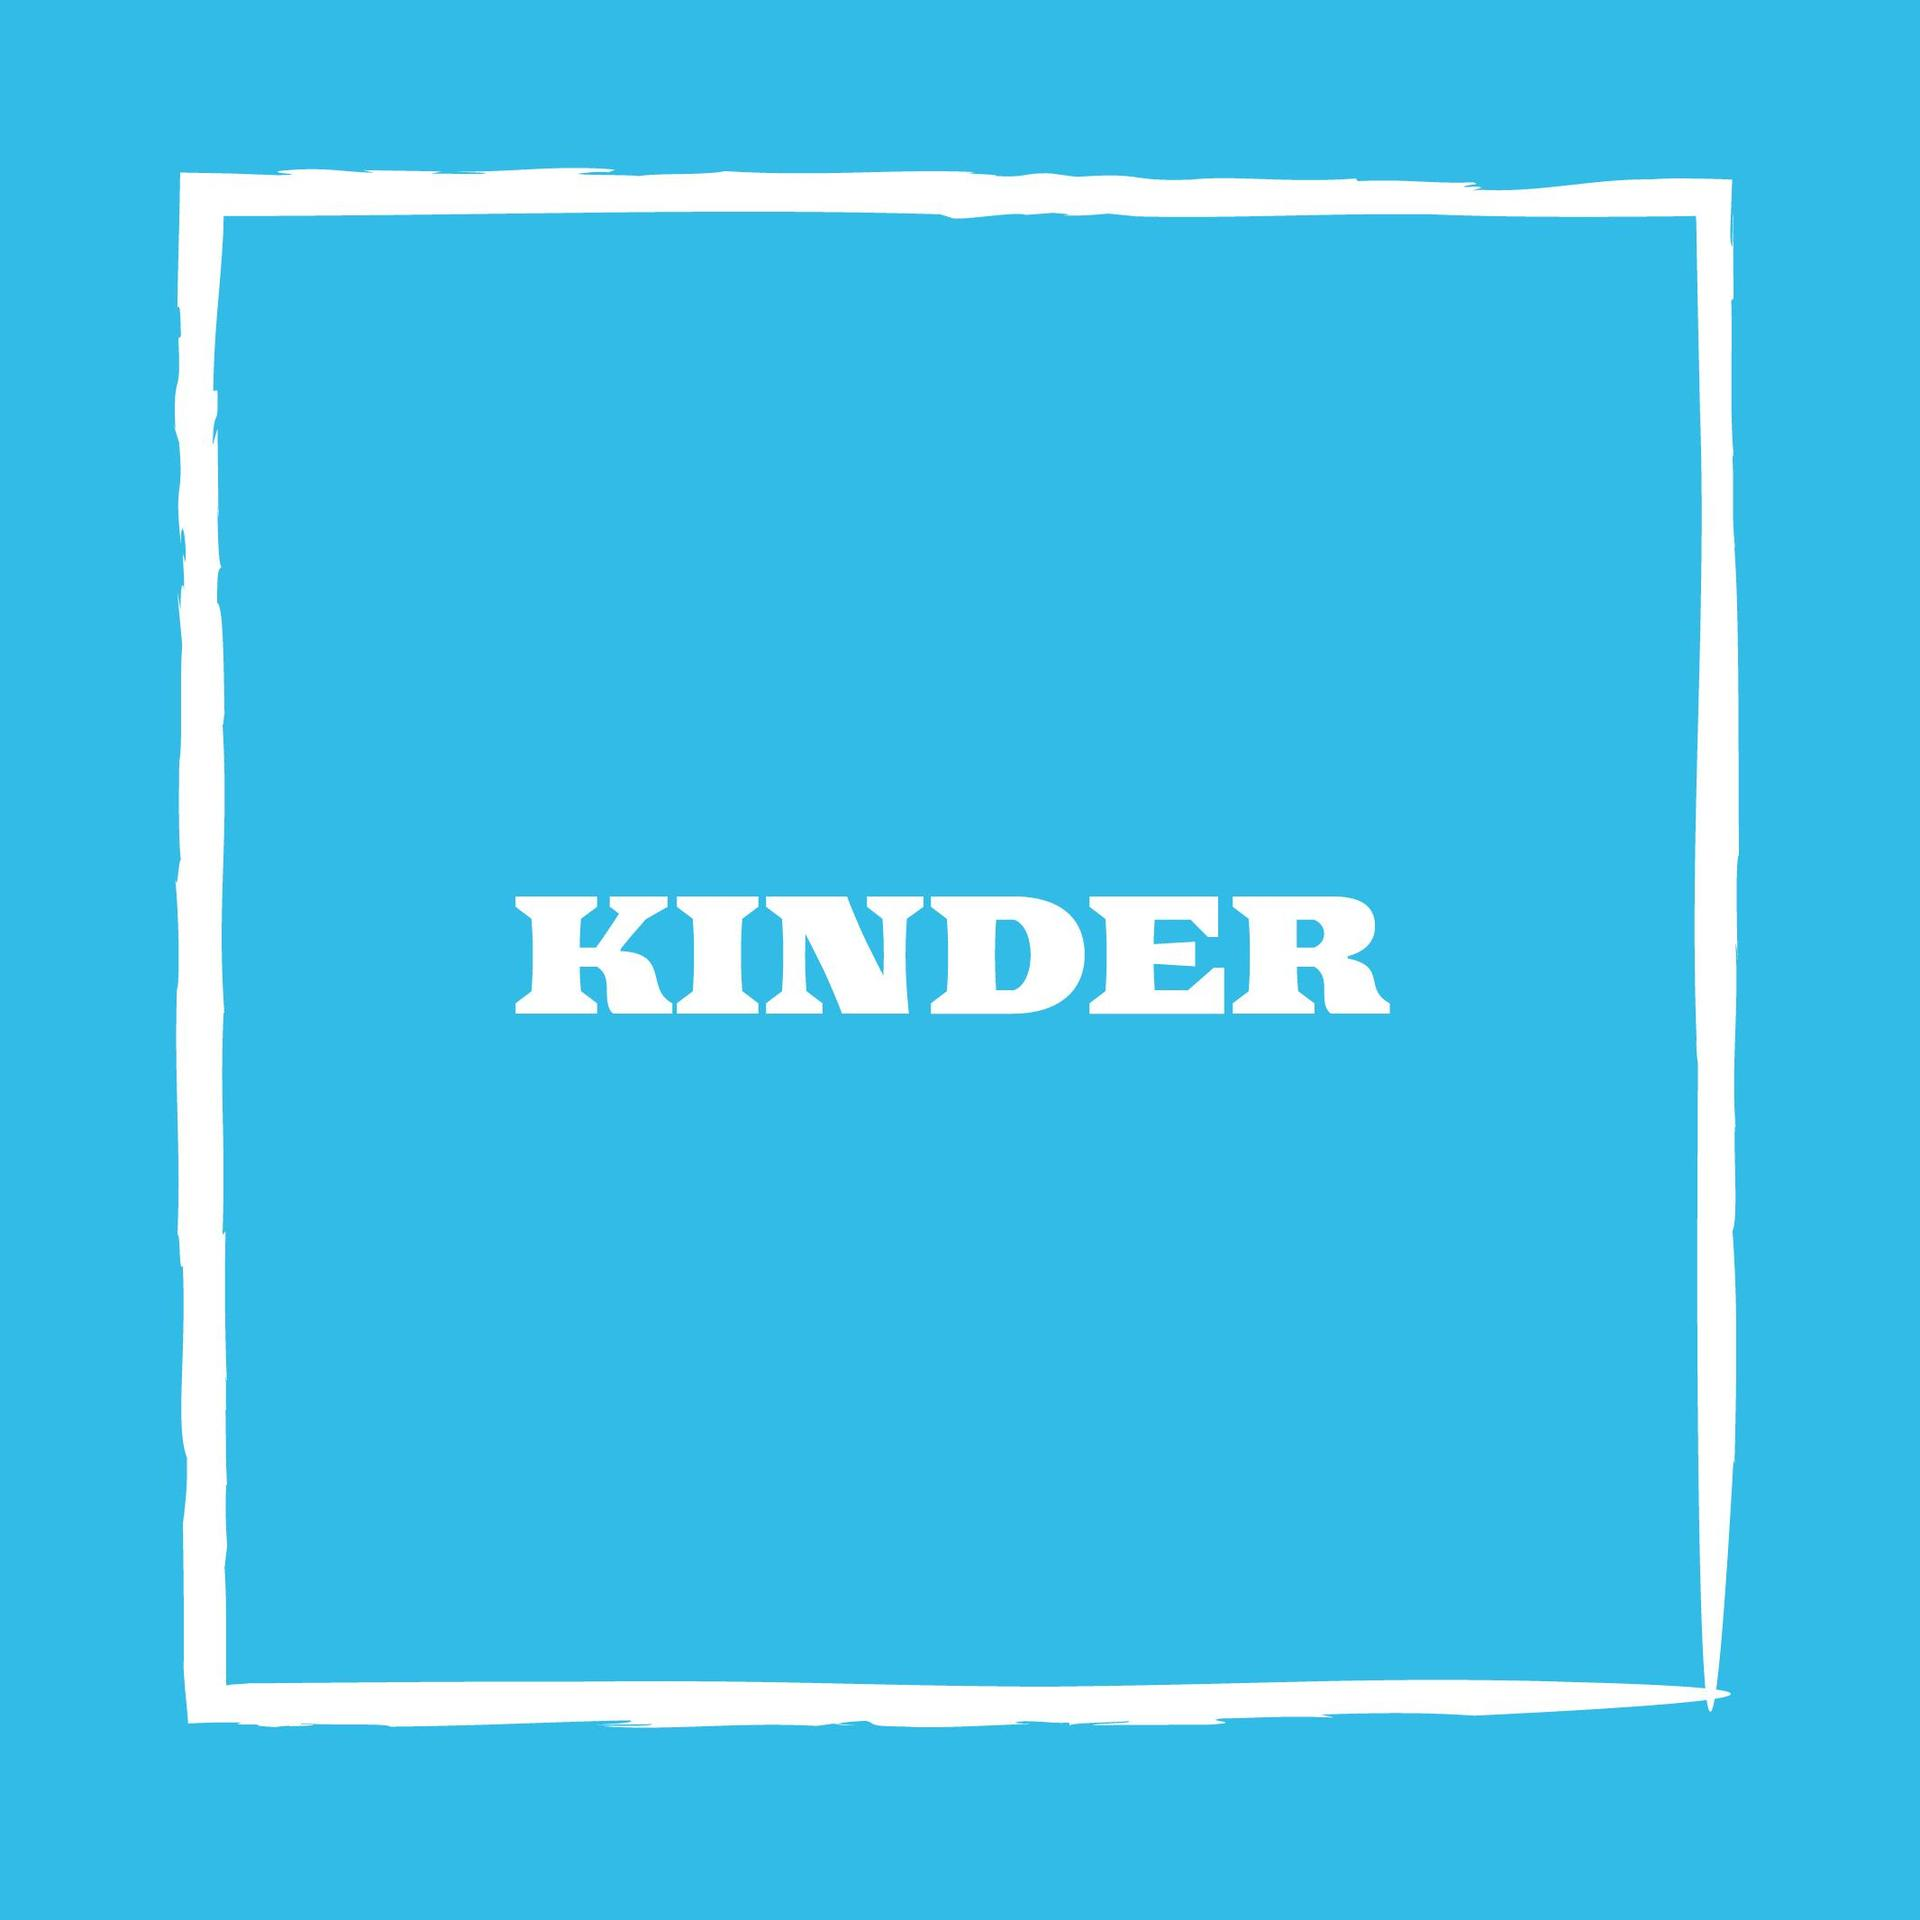 Kiinder